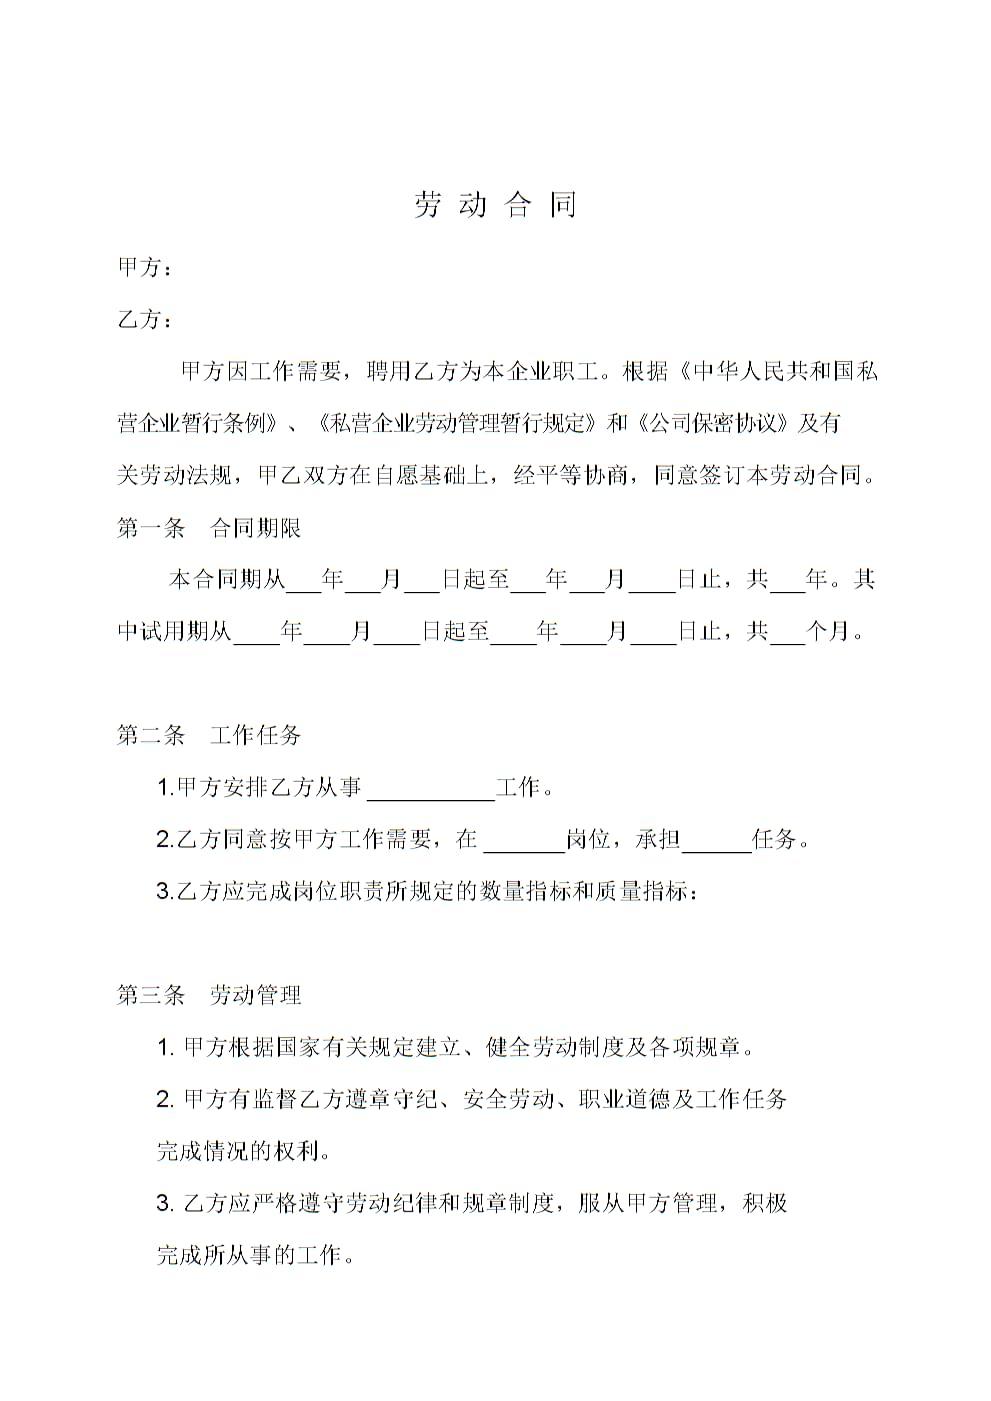 私人小企业专用劳动合同.ppt